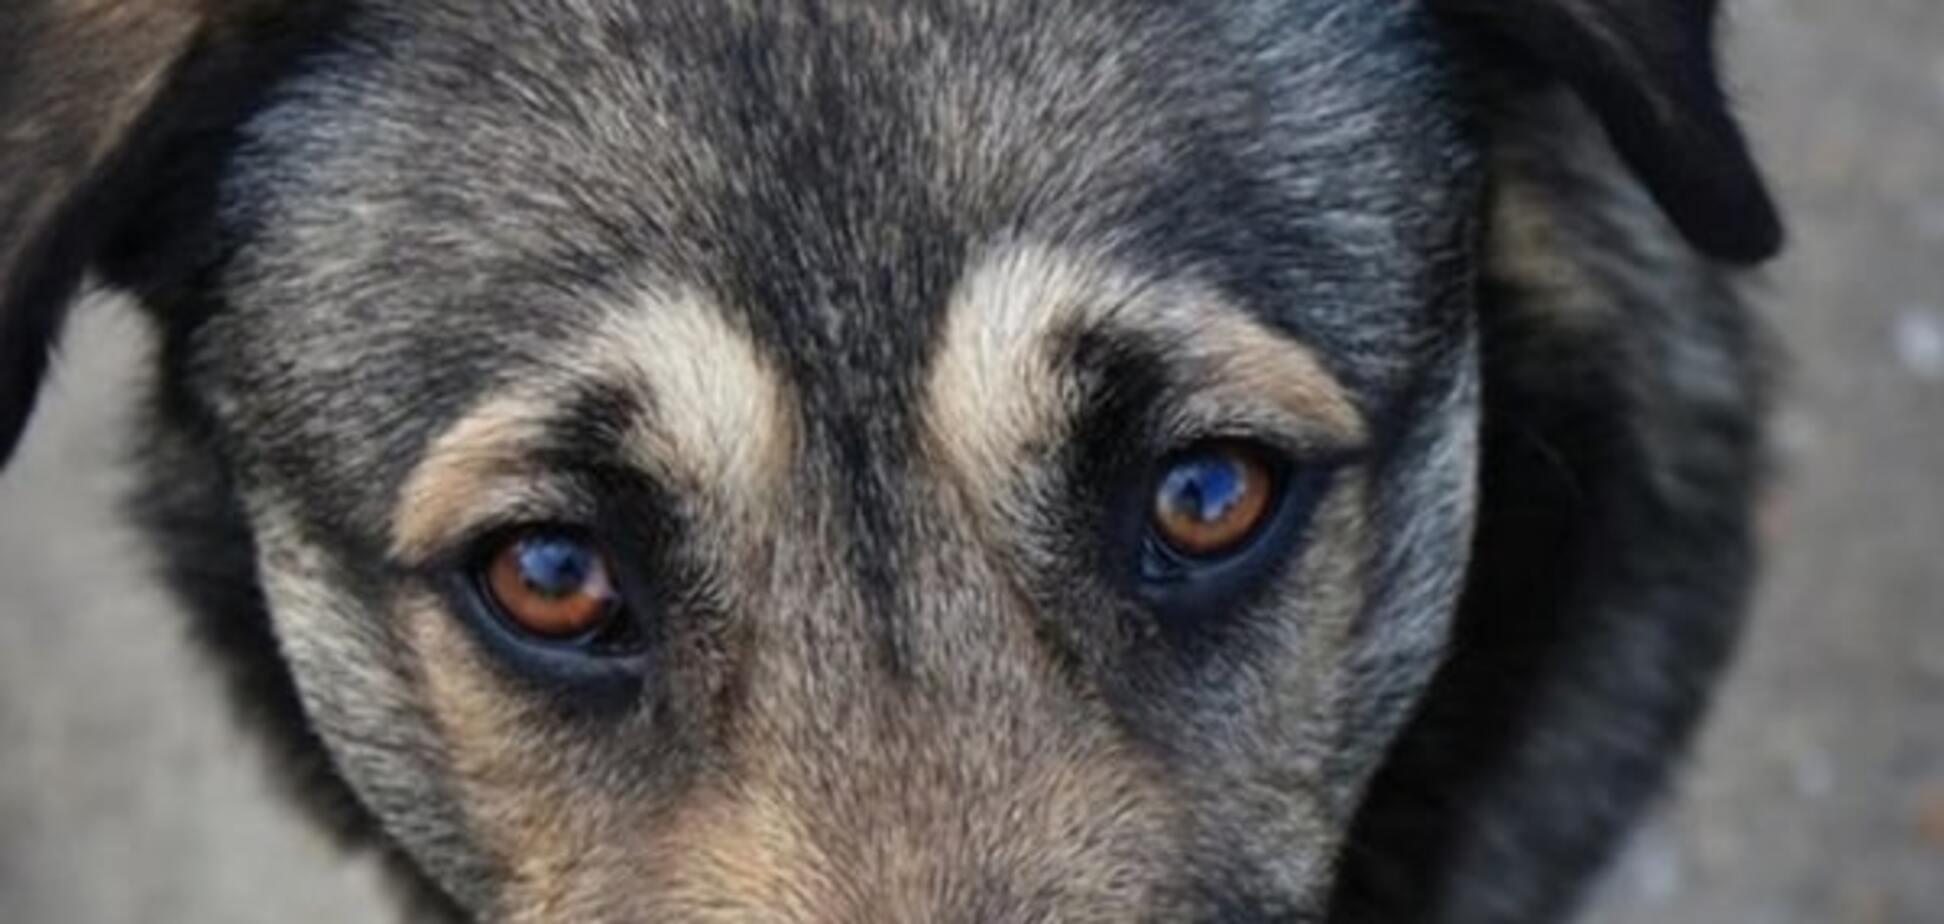 Труїти, мучити і вбивати тварин: звідки взявся рух зоохантерів і що з ним пропонують зробити